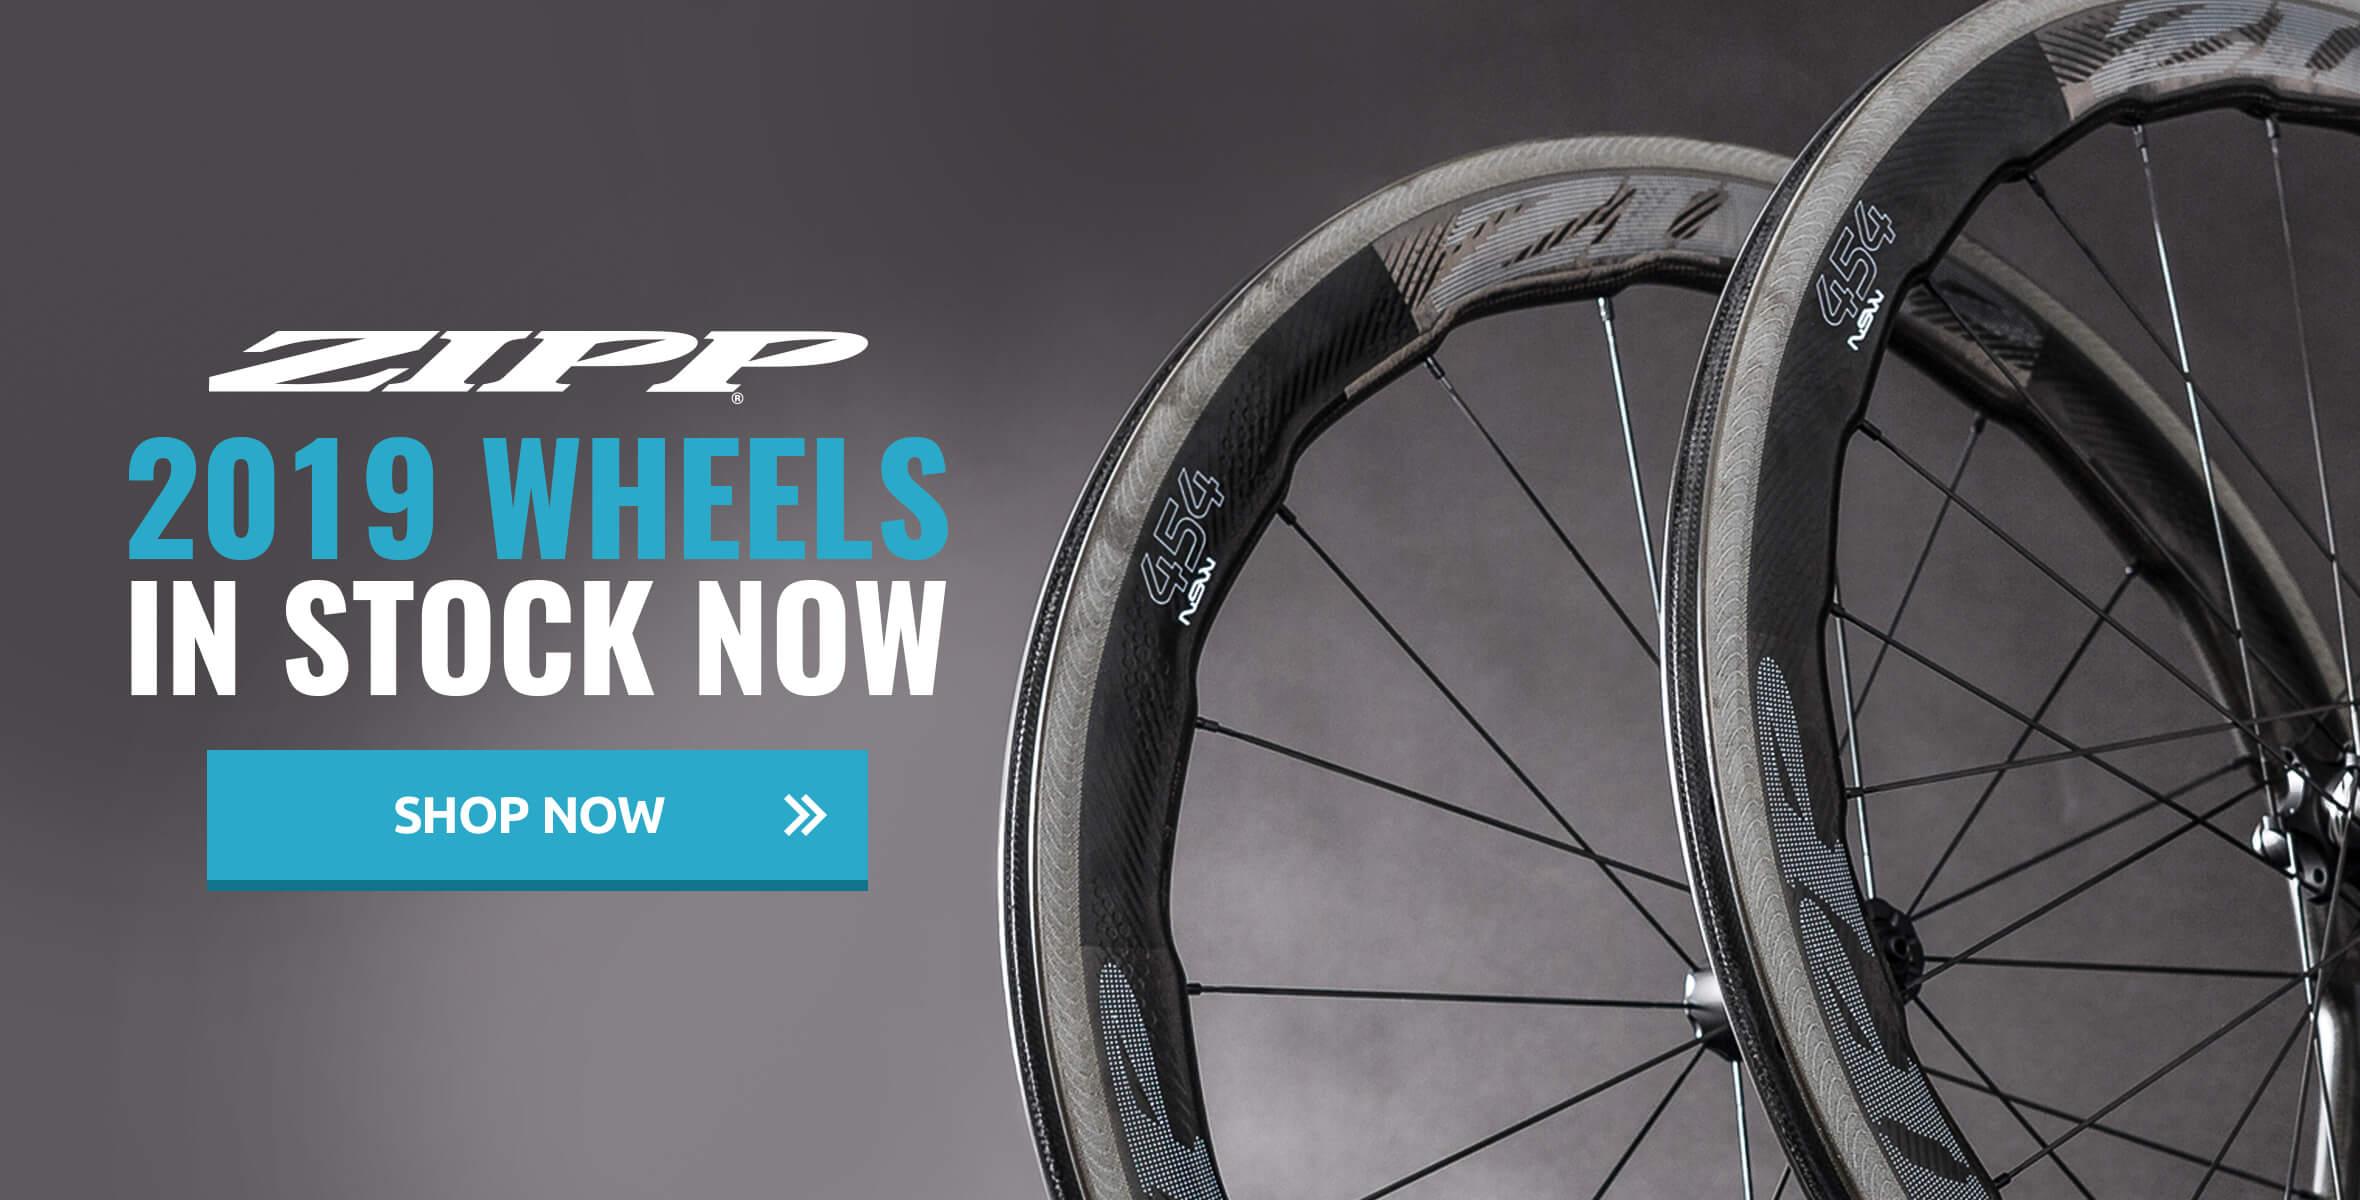 Zipp 2019 Wheels in Stock Now